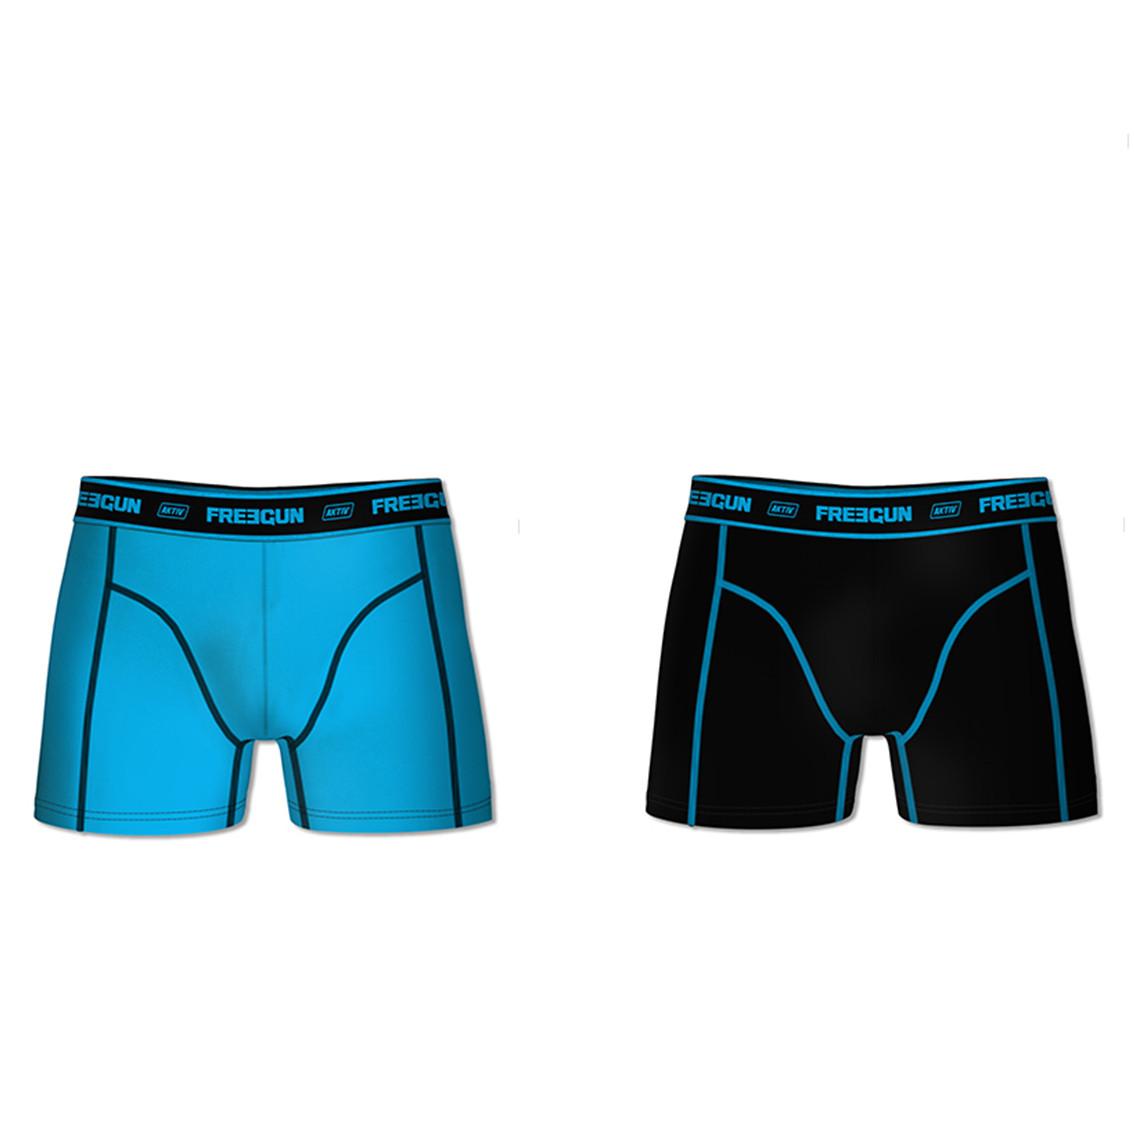 Lot de 2 boxers coton homme aktiv bleu et noir (photo)